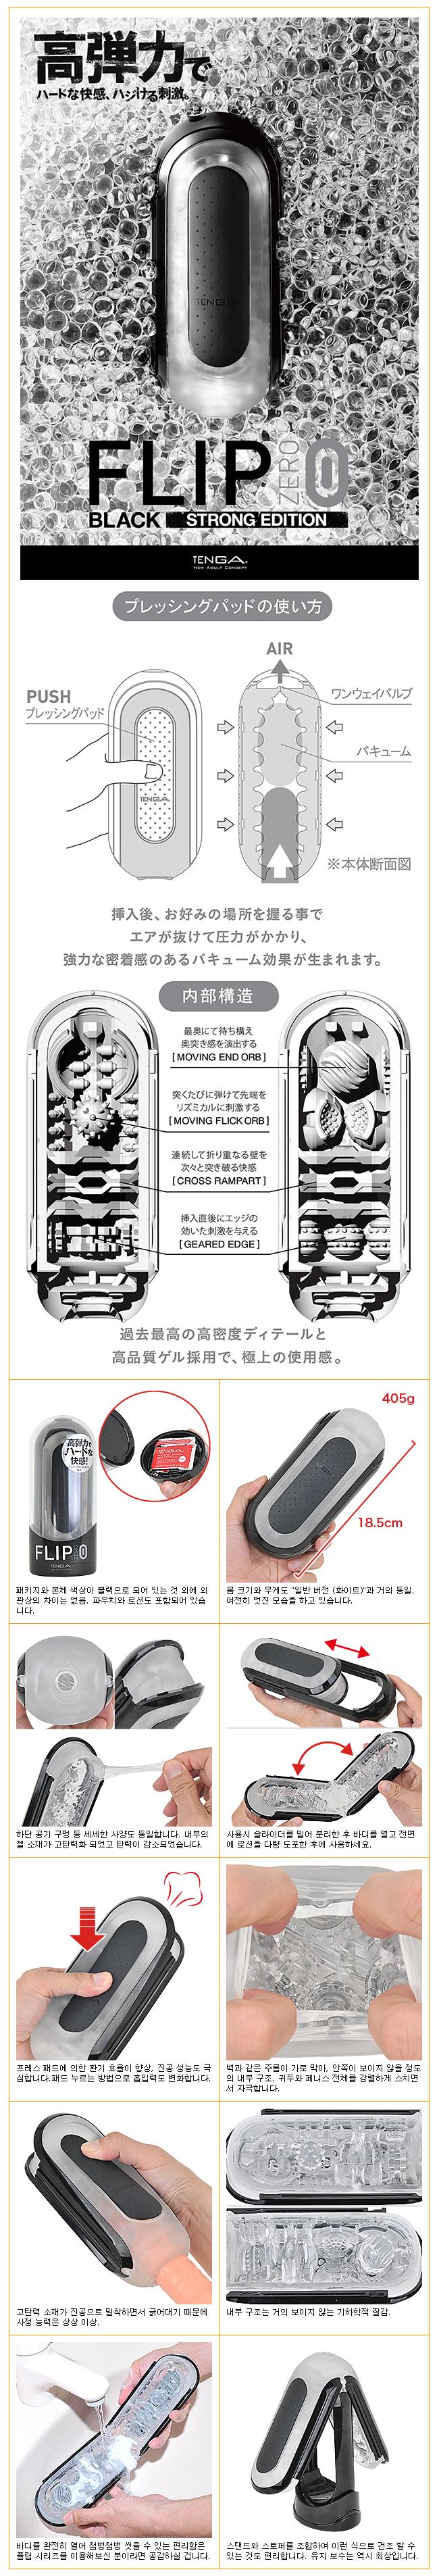 [일본 직수입] 플립홀 제로 블랙(TENGA フリップゼロ ブラック) - 텐가